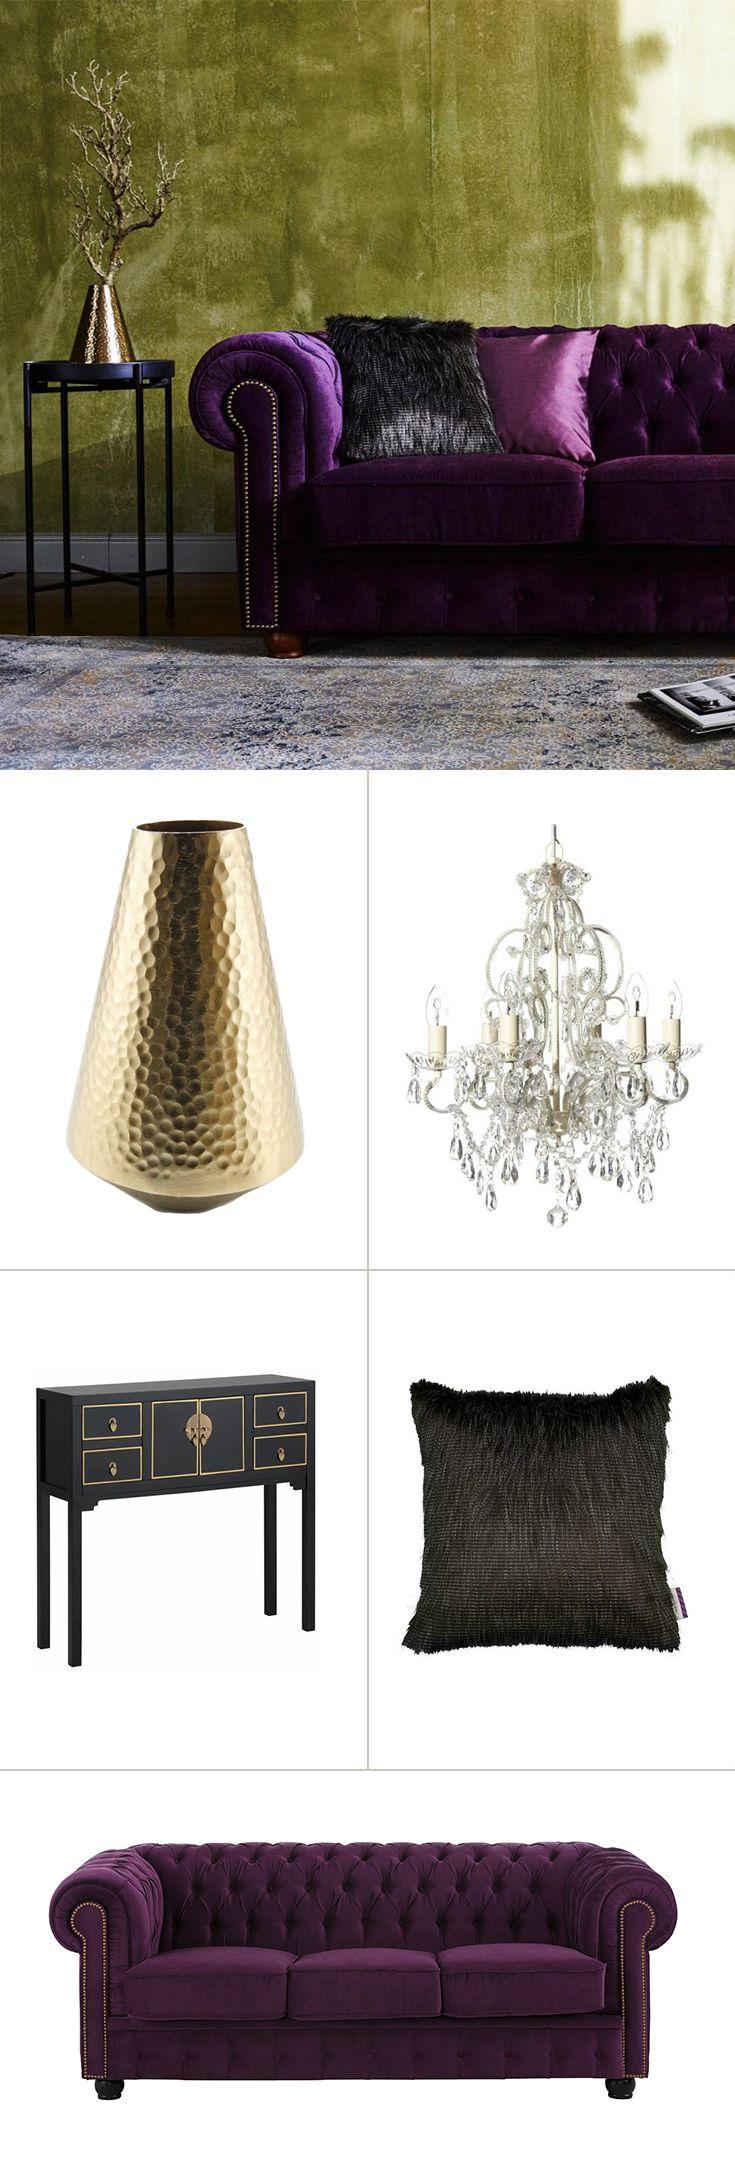 Vor allem in großen Räumen kommt der Glamour-Prunk-Stil besonders gut zur Geltung. Dazu gehört wenig Barock wie mit dem Kronleuchter oder der Konsole – und in jedem Fall starke Farbakzente wie das edle Chesterfield-Sofa in lila. Goldtöne nicht vergessen!